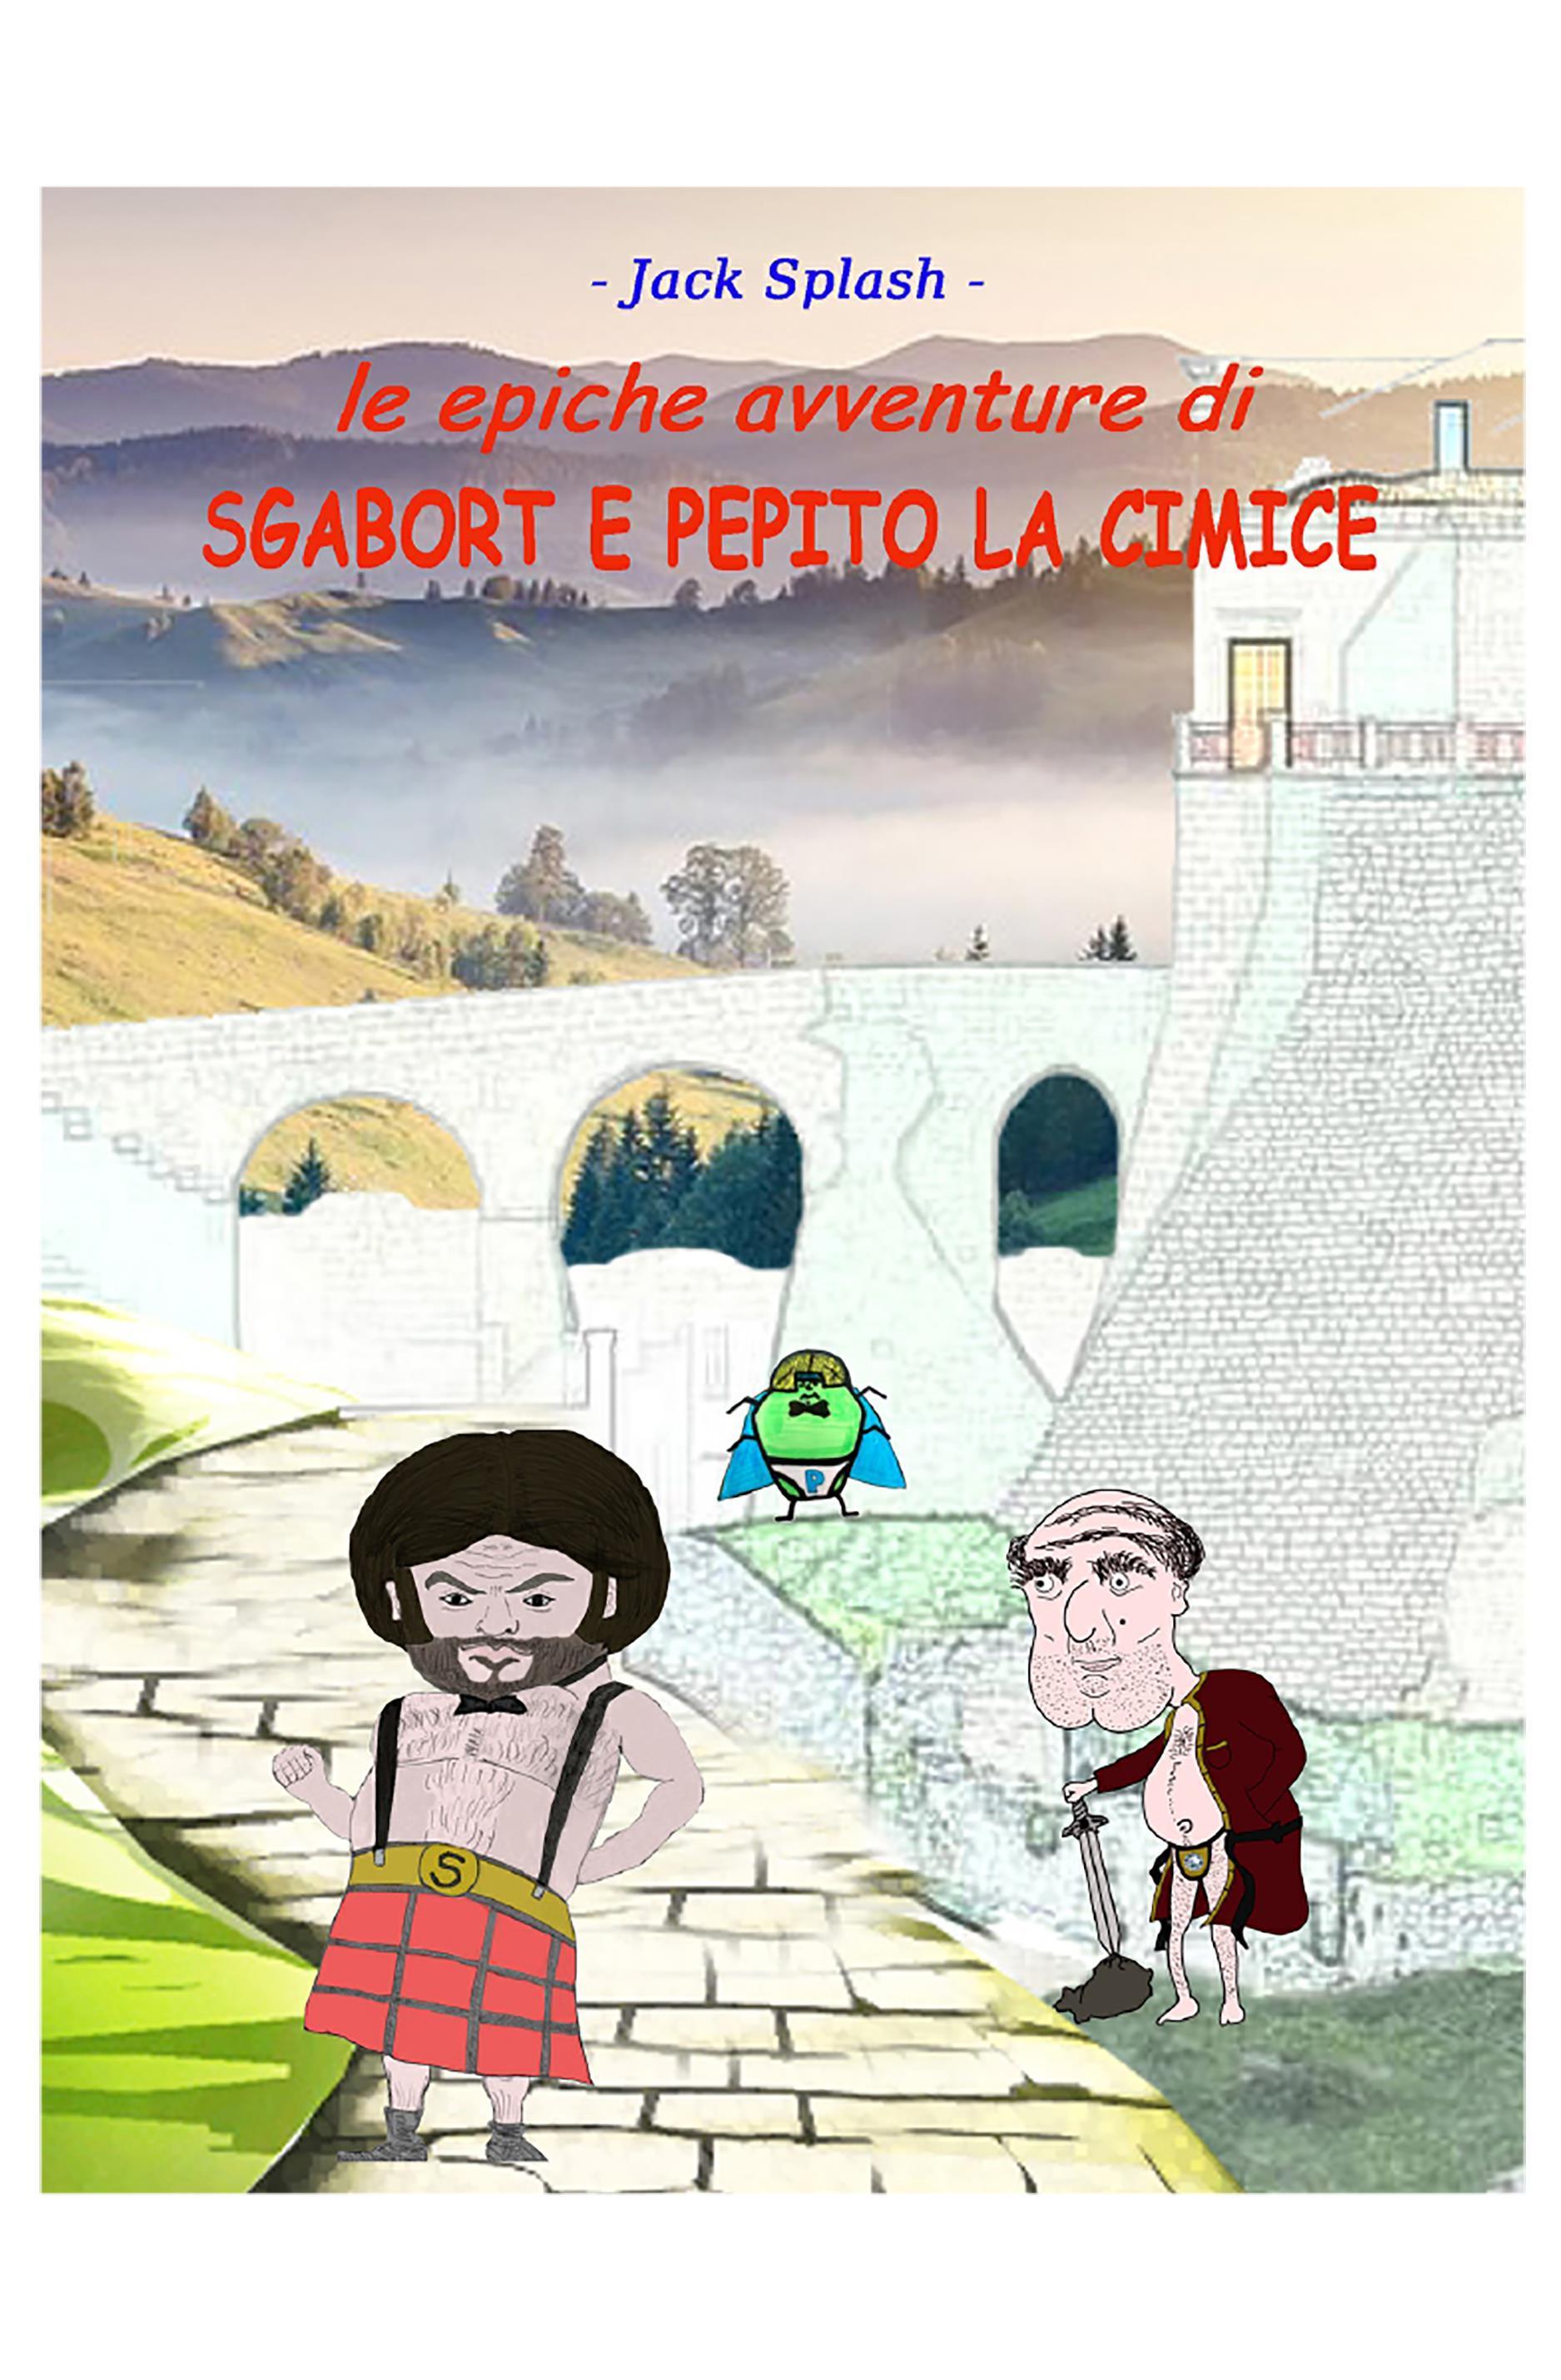 Le epiche avventure di Sgabort e Pepito la cimice